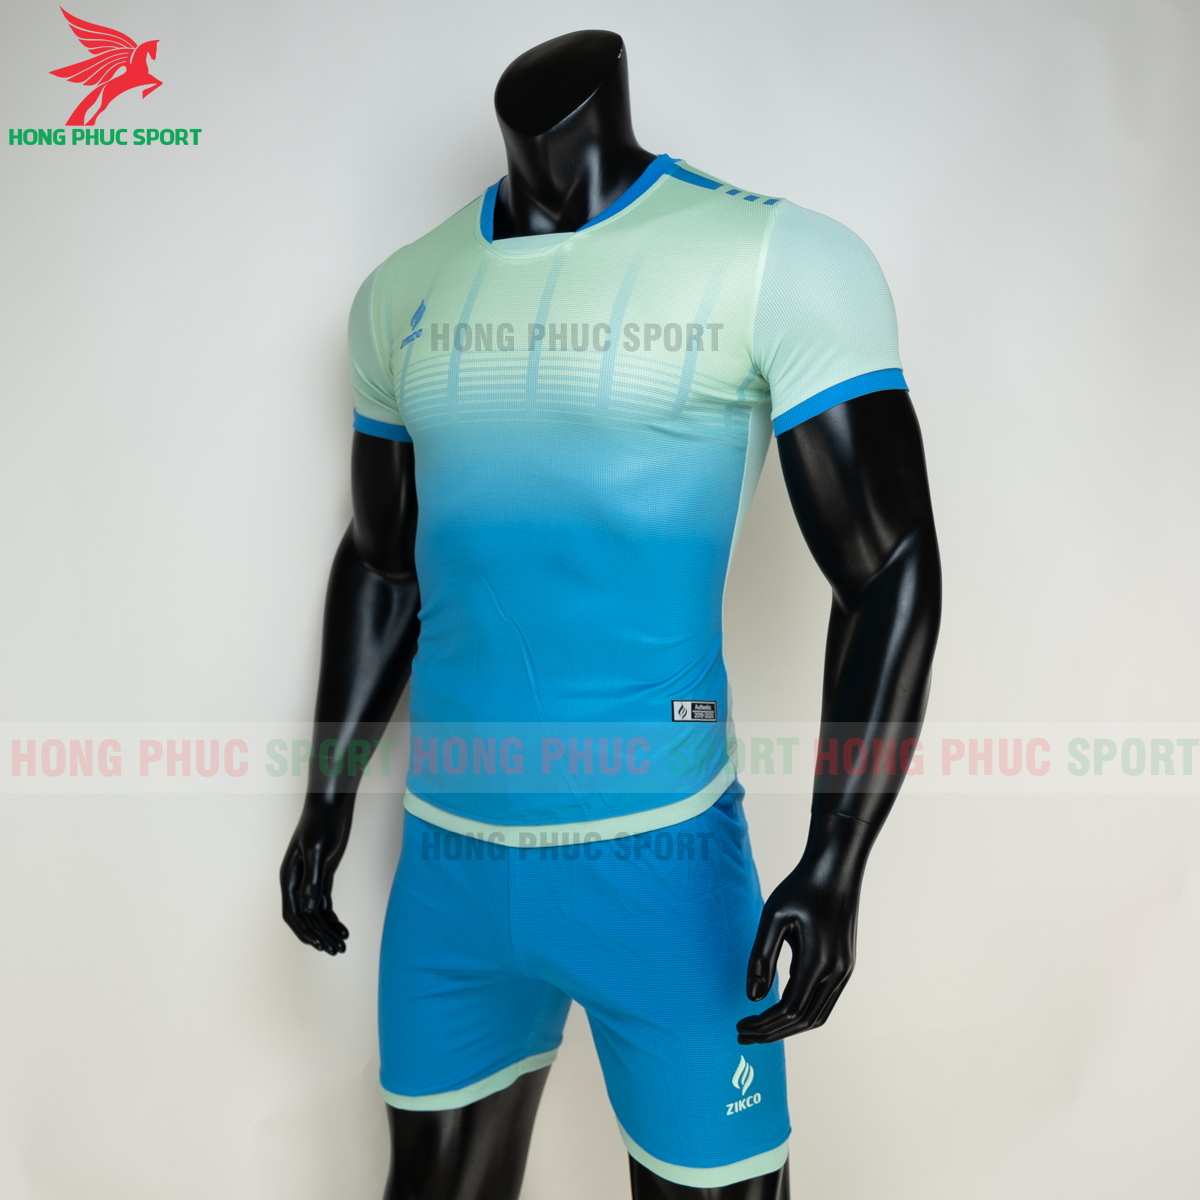 https://cdn.hongphucsport.com/unsafe/s4.shopbay.vn/files/285/ao-bong-da-khong-logo-zikco-z01-mau-xanh-ngoc-1-605029631c334.png